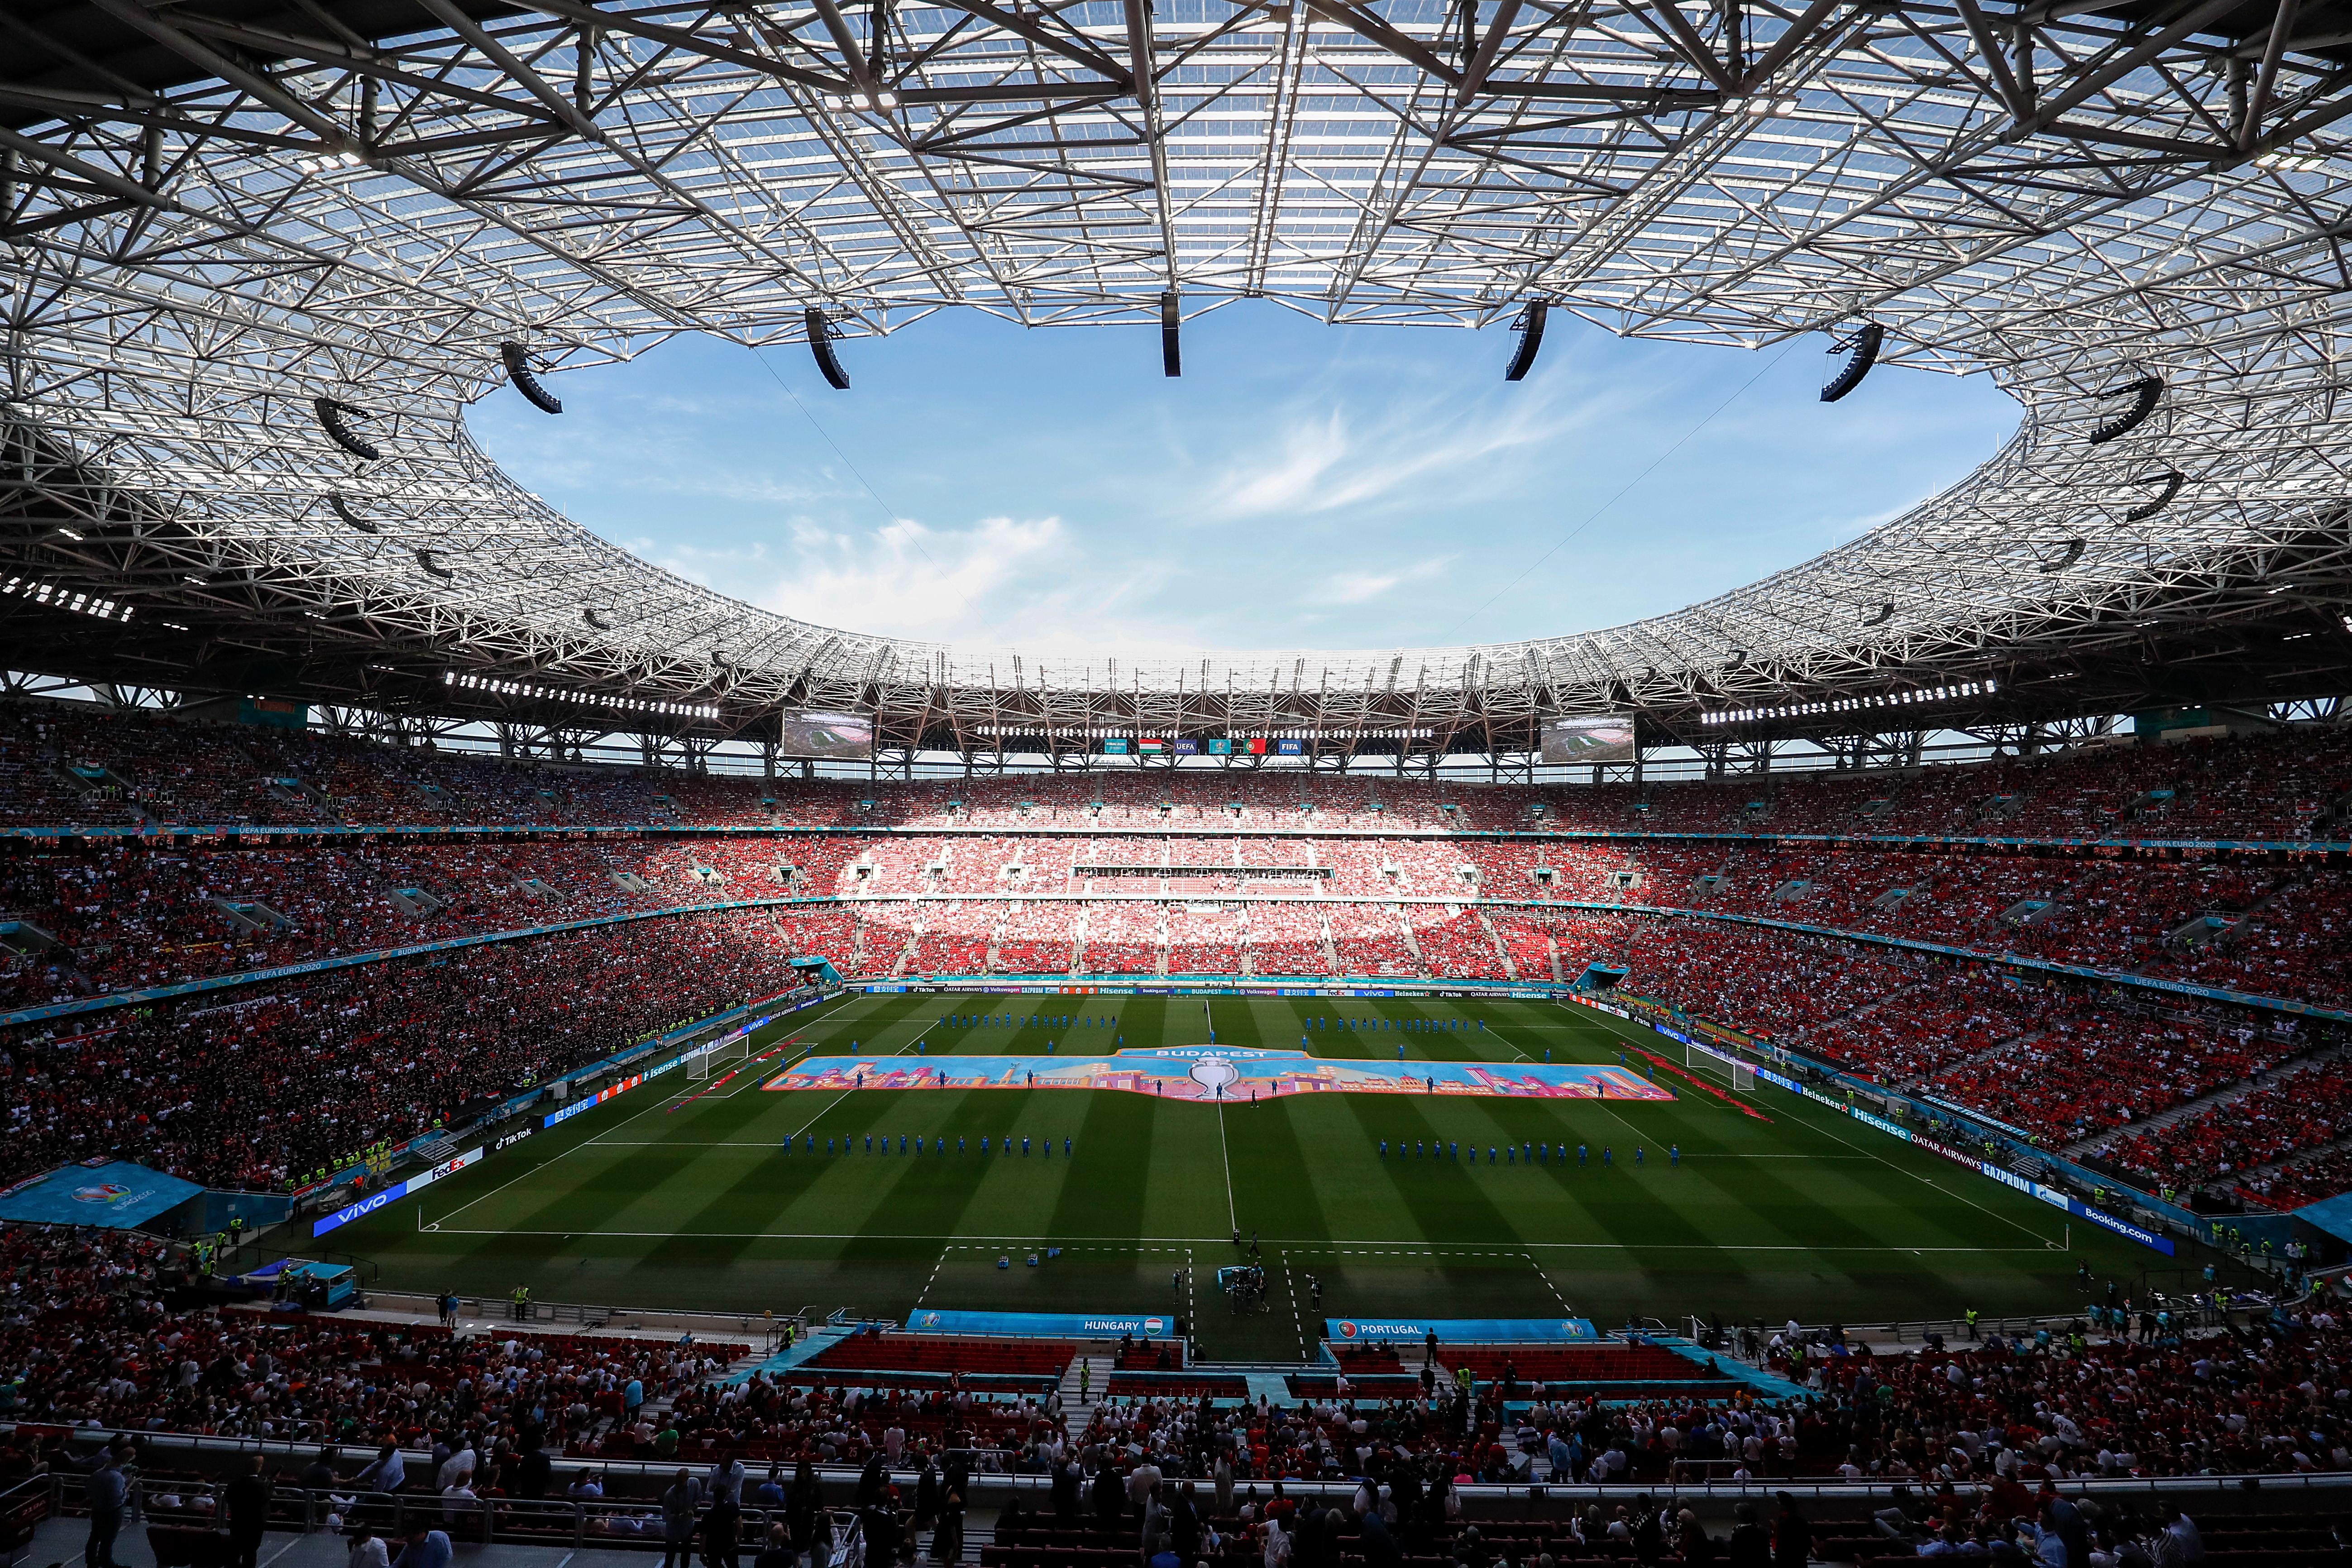 Prima volta di uno stadio pieno post pandemia. Alla Puskas Arena 60mila persone ad assistere al match degli Europei Ungheria-Portogallo. Per accedere era necessario un tampone o il vaccino.<br /><br />